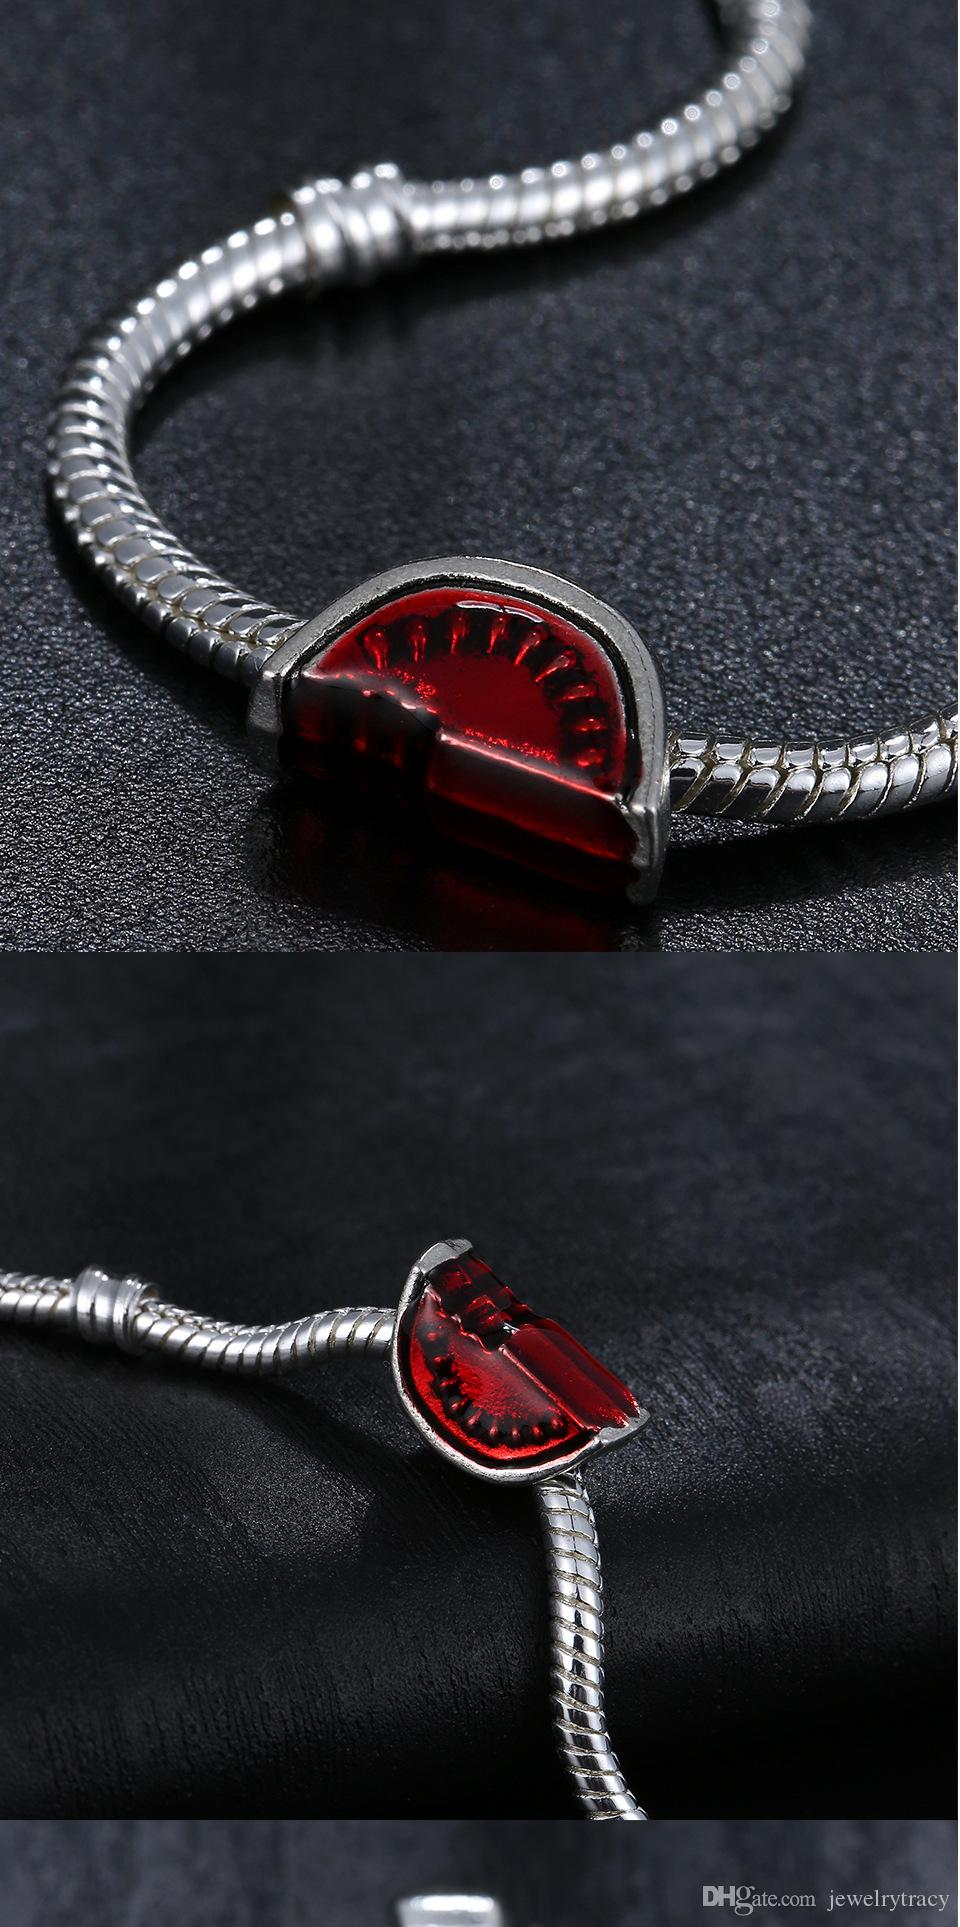 Perles de pastèque rouge perle de charme avec émail pour bijoux européens Pandora Bracelets Colliers Pendentifs Perles en alliage